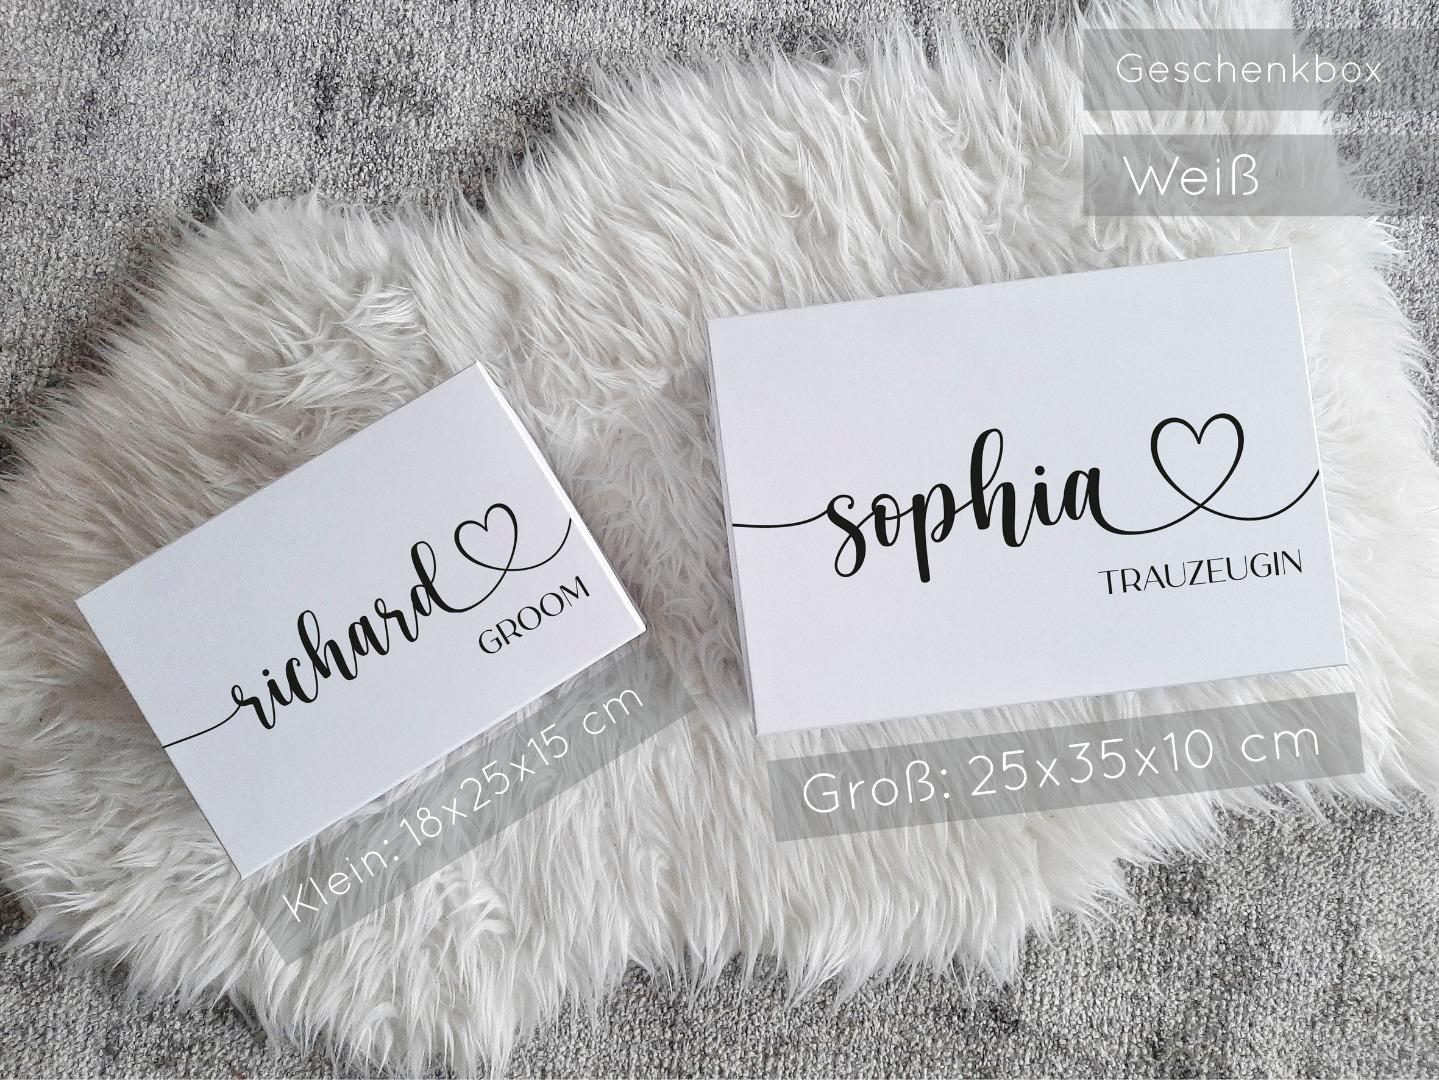 Geschenkbox mit Name und Titel 2